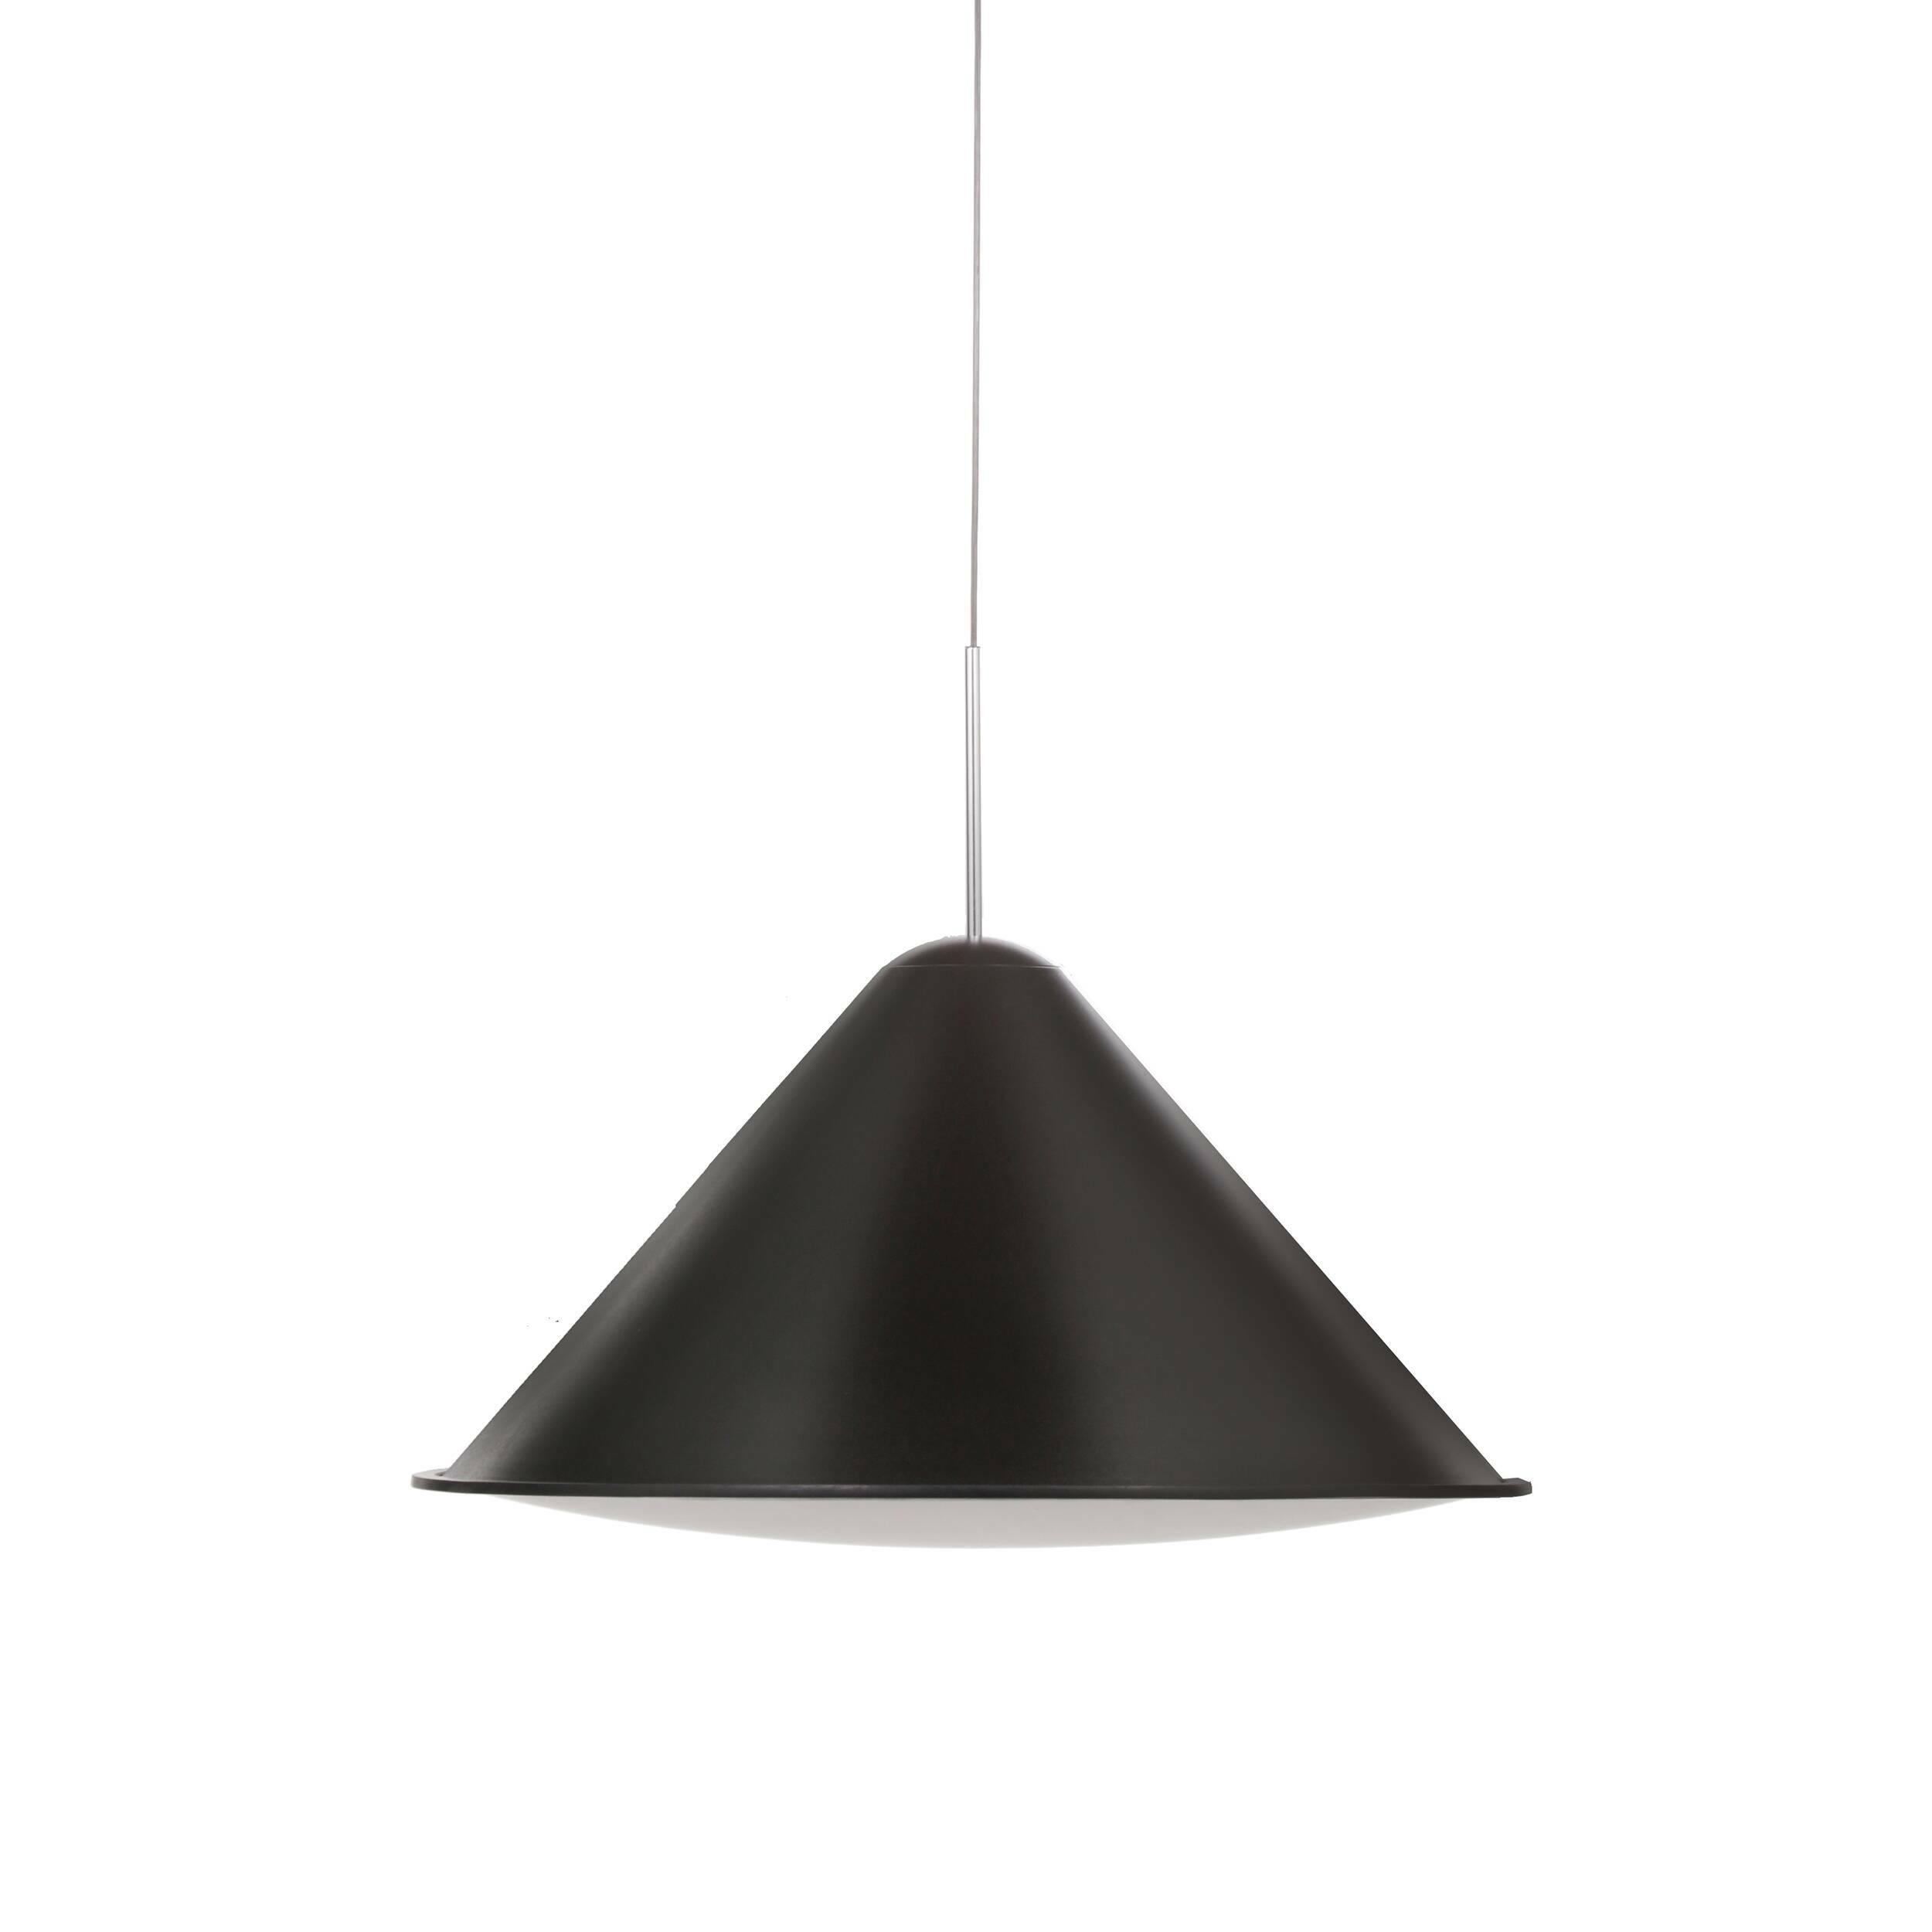 Подвесной светильник Cone диаметр 73